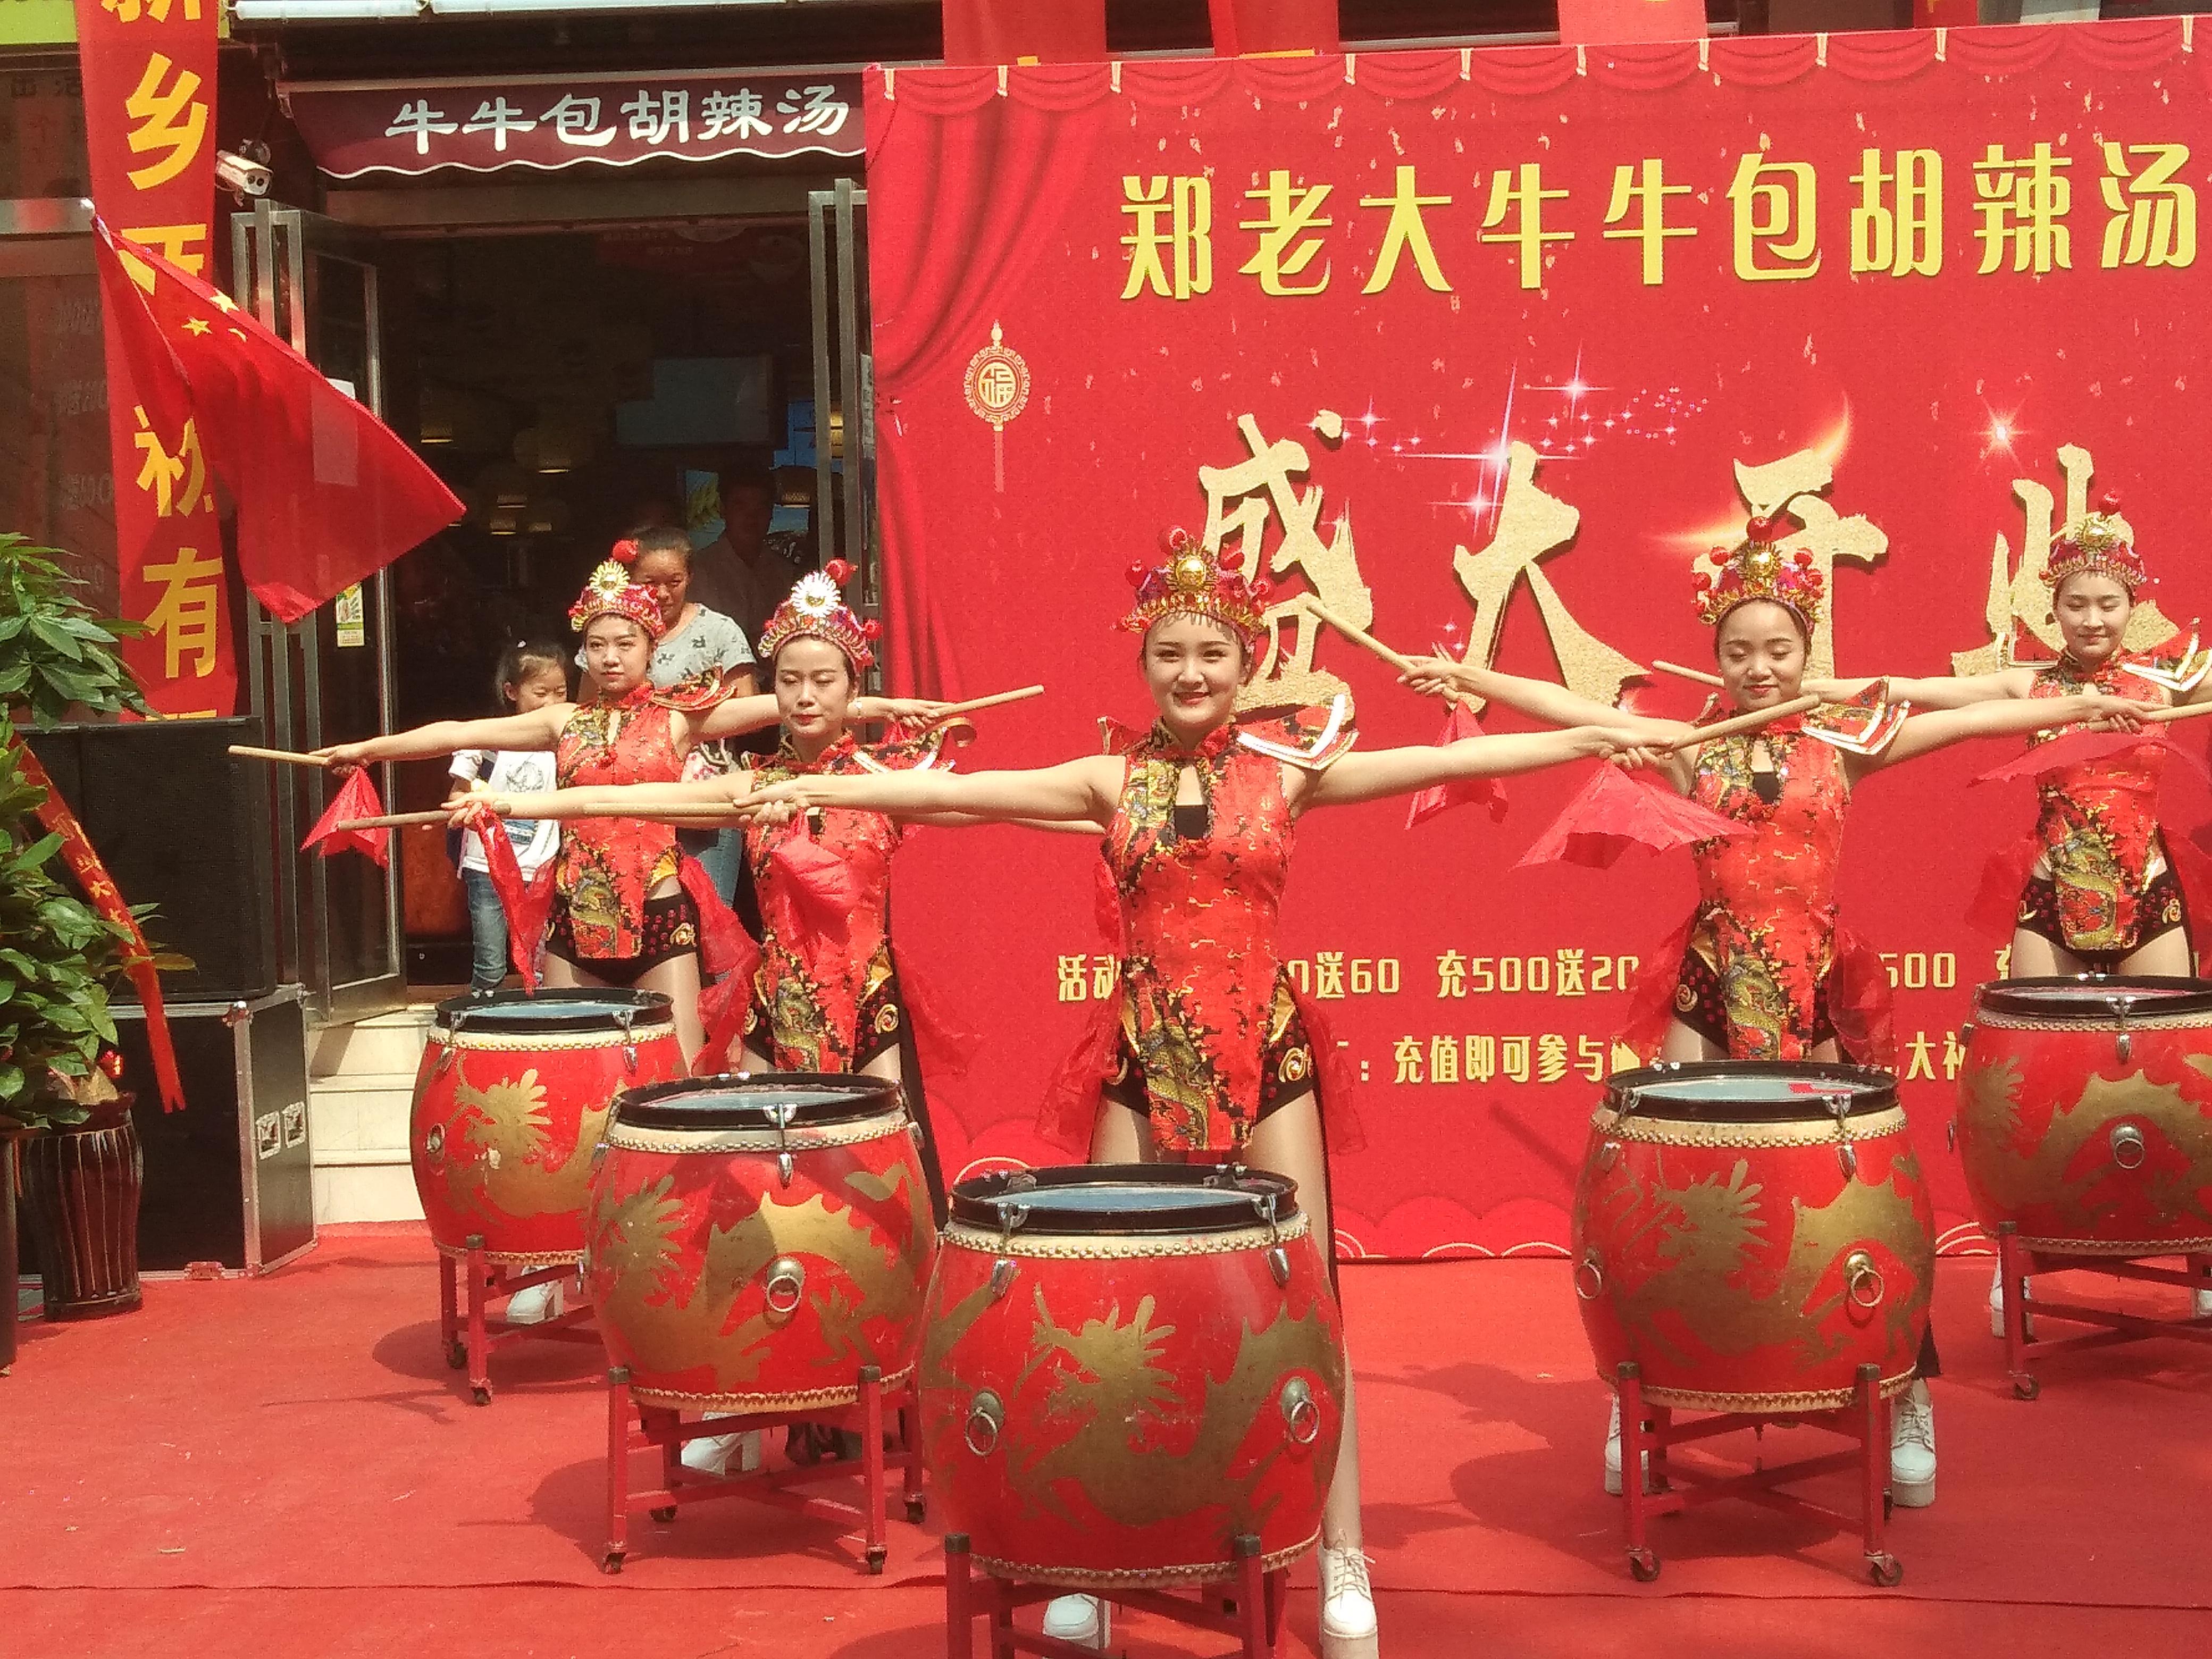 2019年第二届宛商情南阳餐饮美食文化研讨会在郑州举行